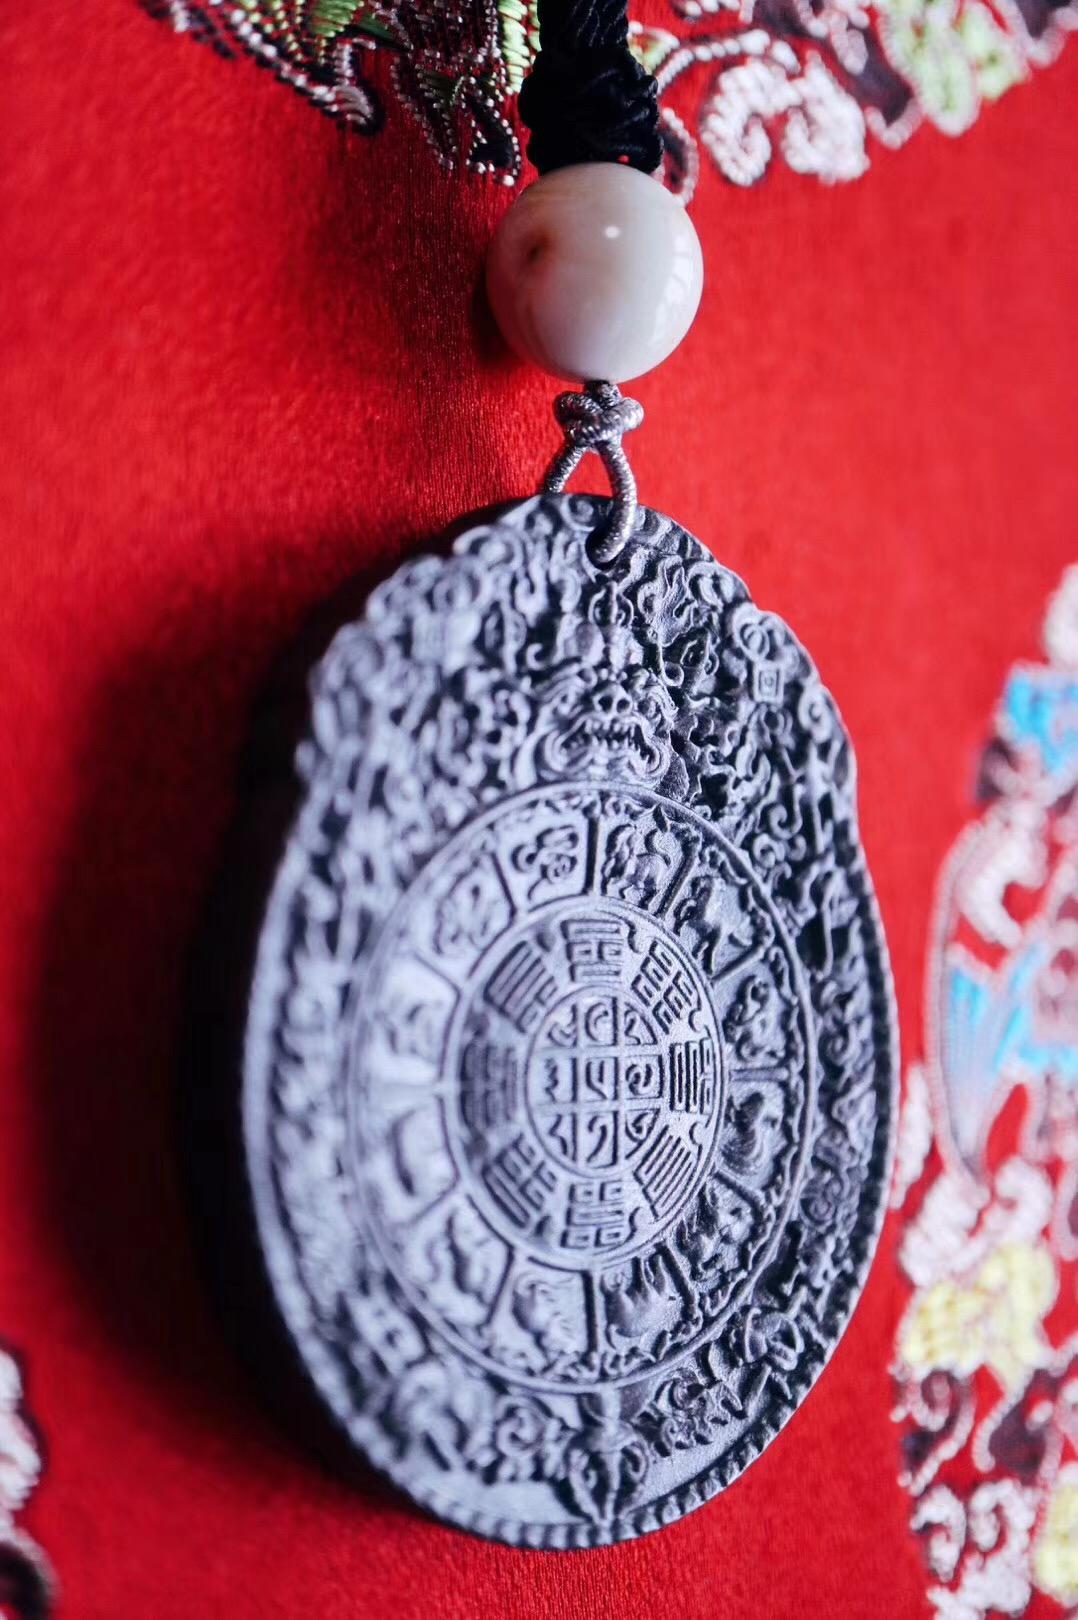 【菩心 陨铁-辟邪神器】拥有一枚陨铁九宫八卦图,就像菩心家永不凋谢的鲜花-菩心晶舍